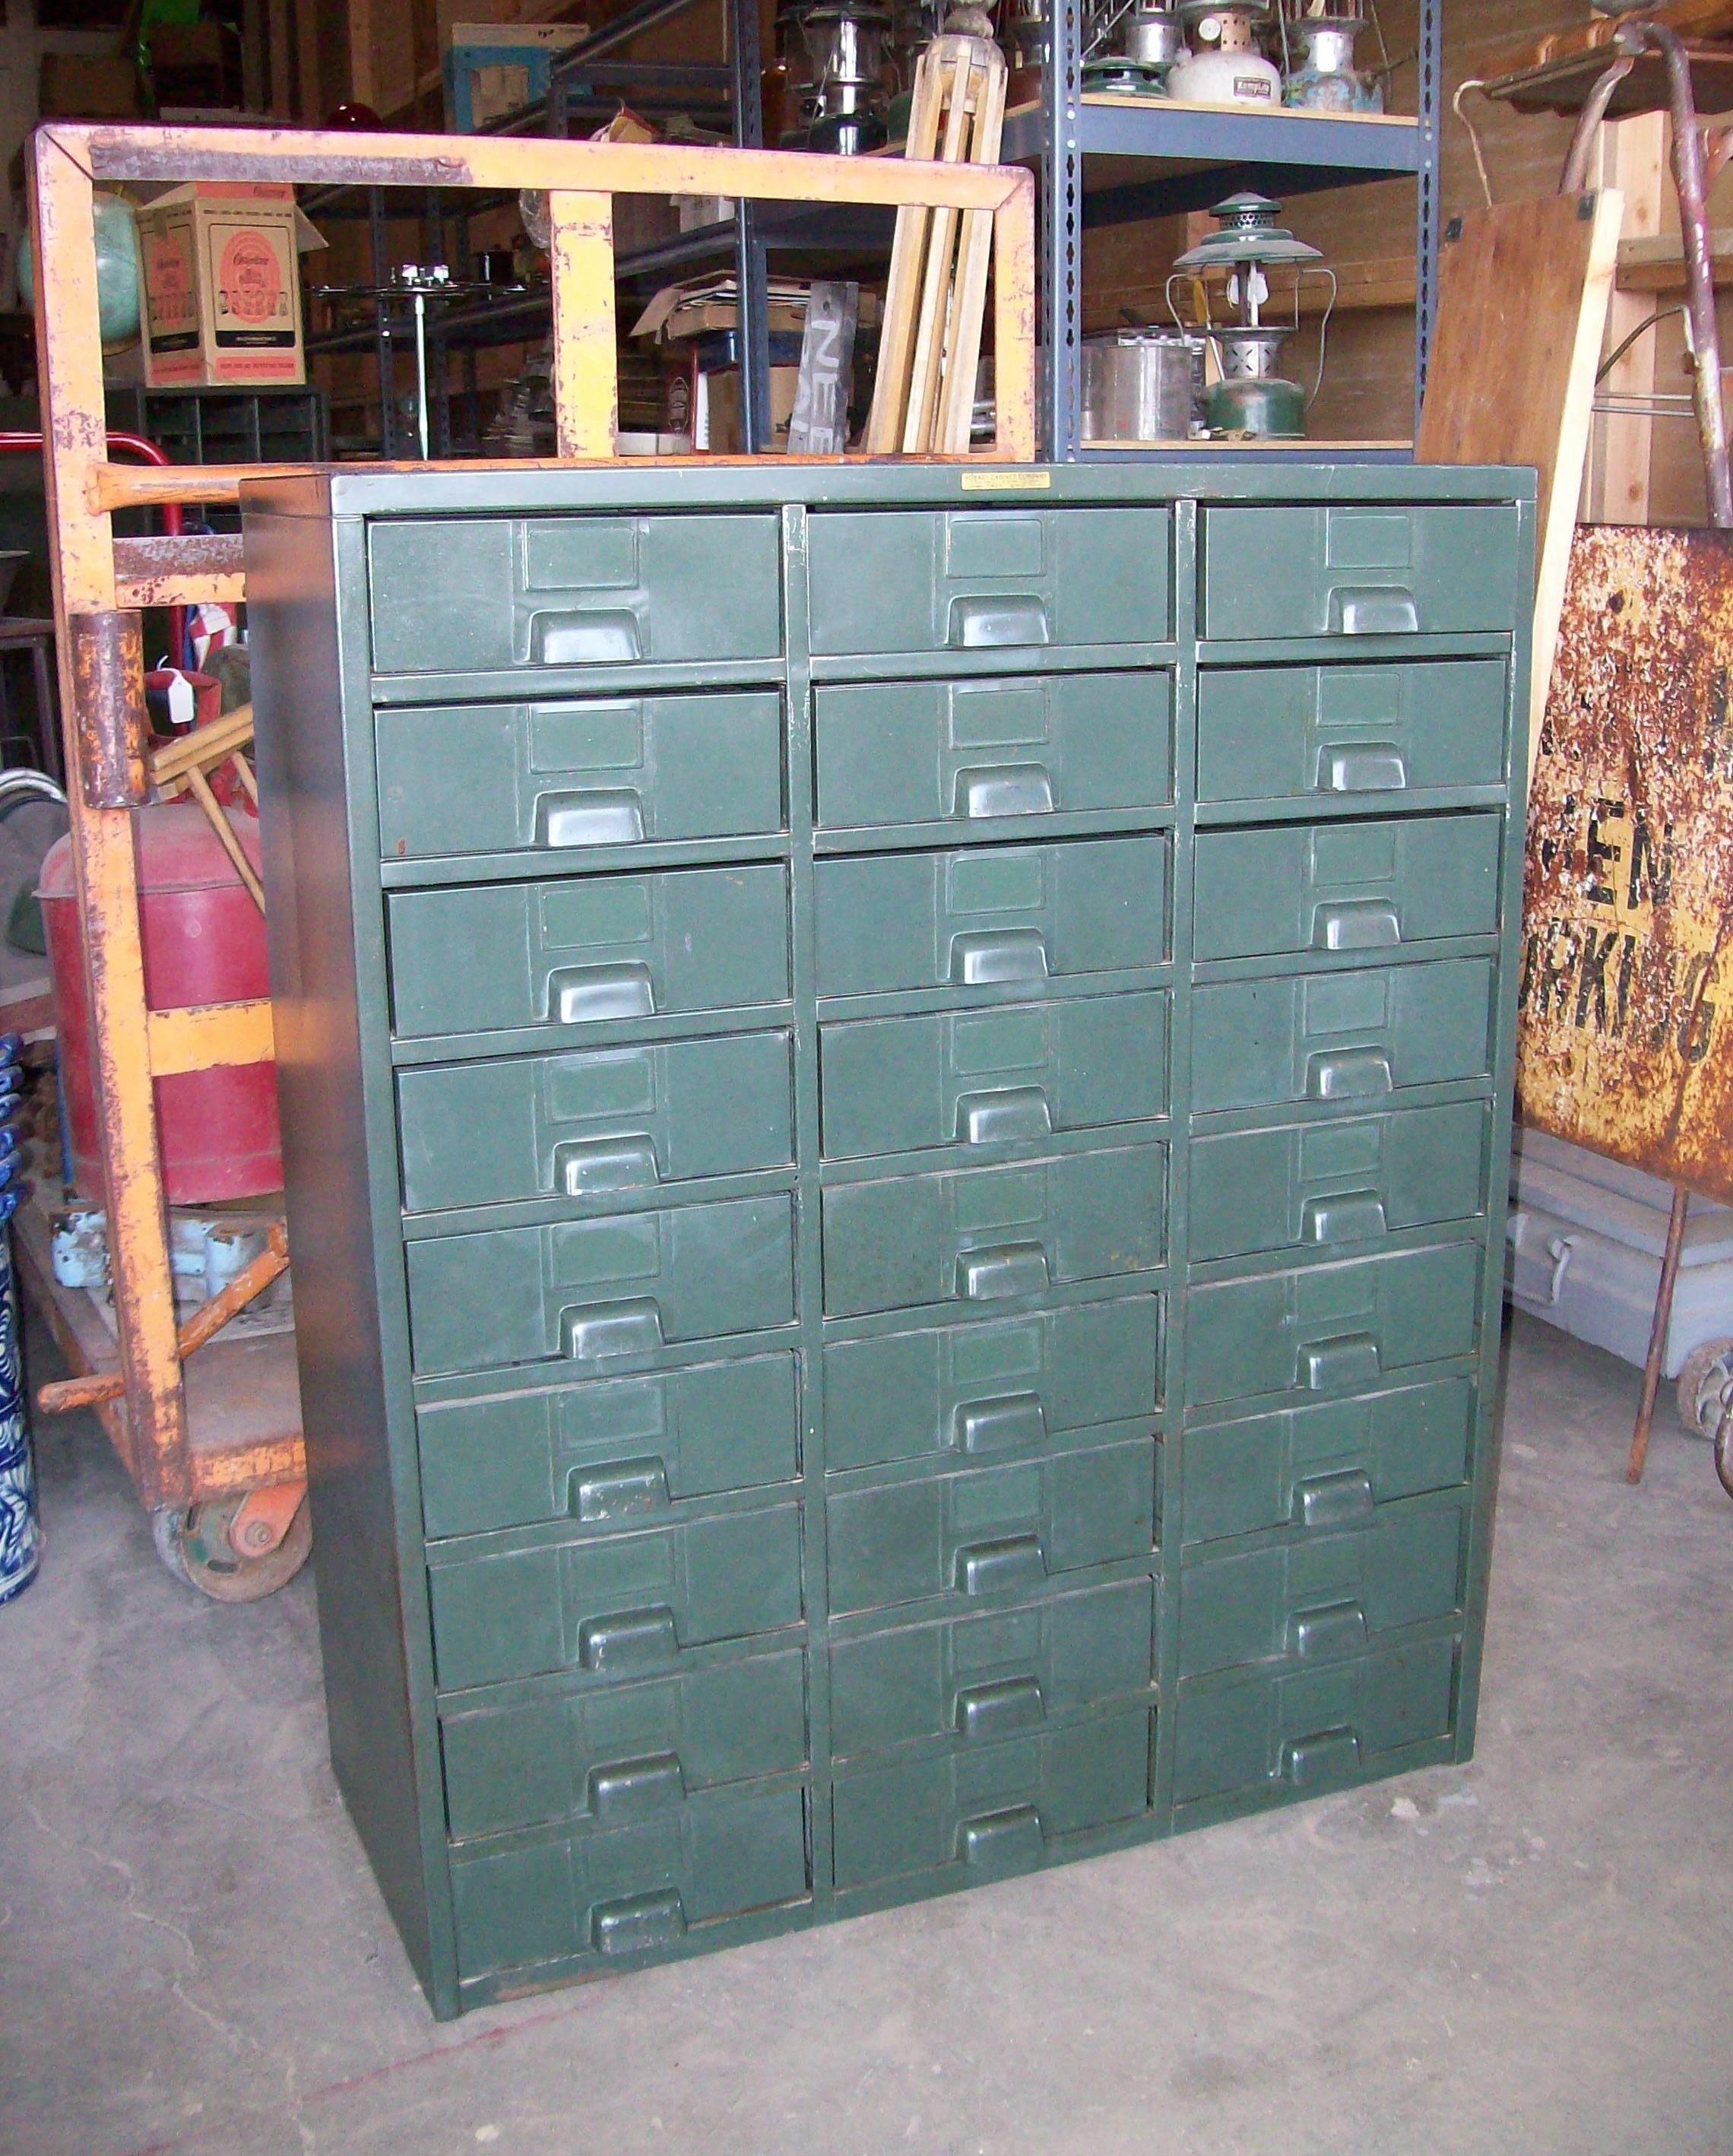 Hobart Storage Cabinet #industrial #architectural #salvage ...